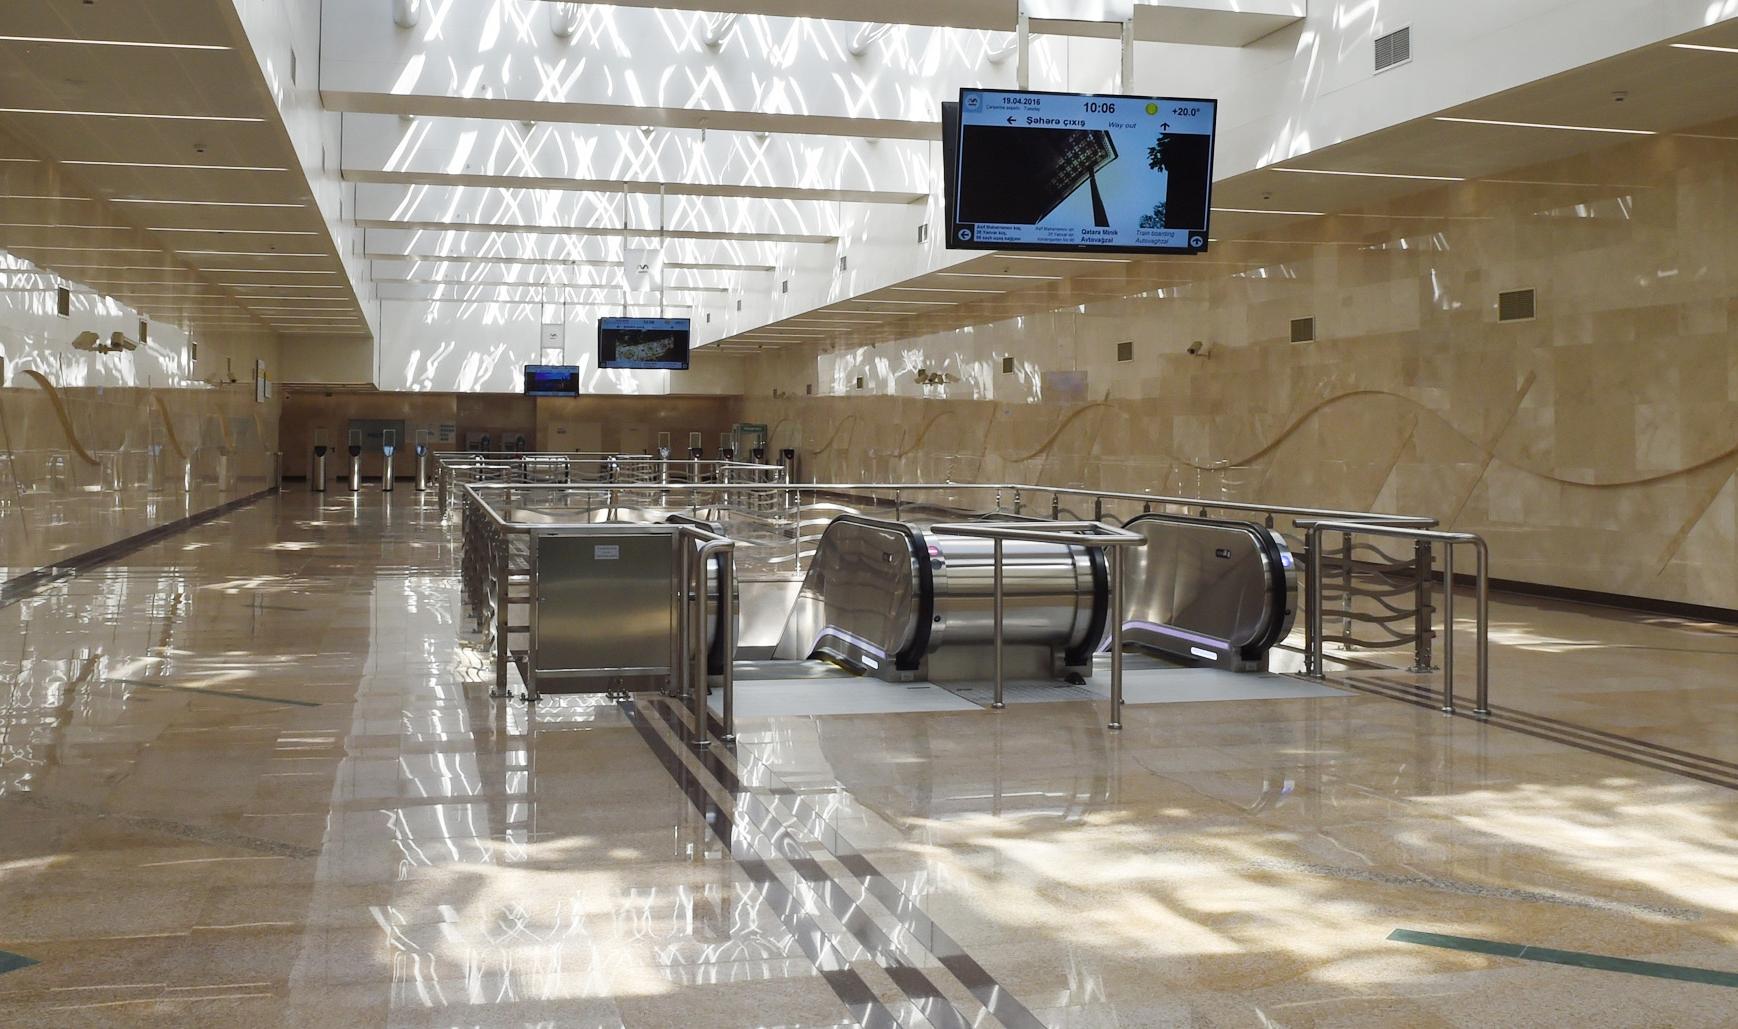 Bakıda yeni metro stansiyaları bu ərazilərdə olacaq - Zığ, Bayıl, Yeni Yasamal... - XƏRİTƏ